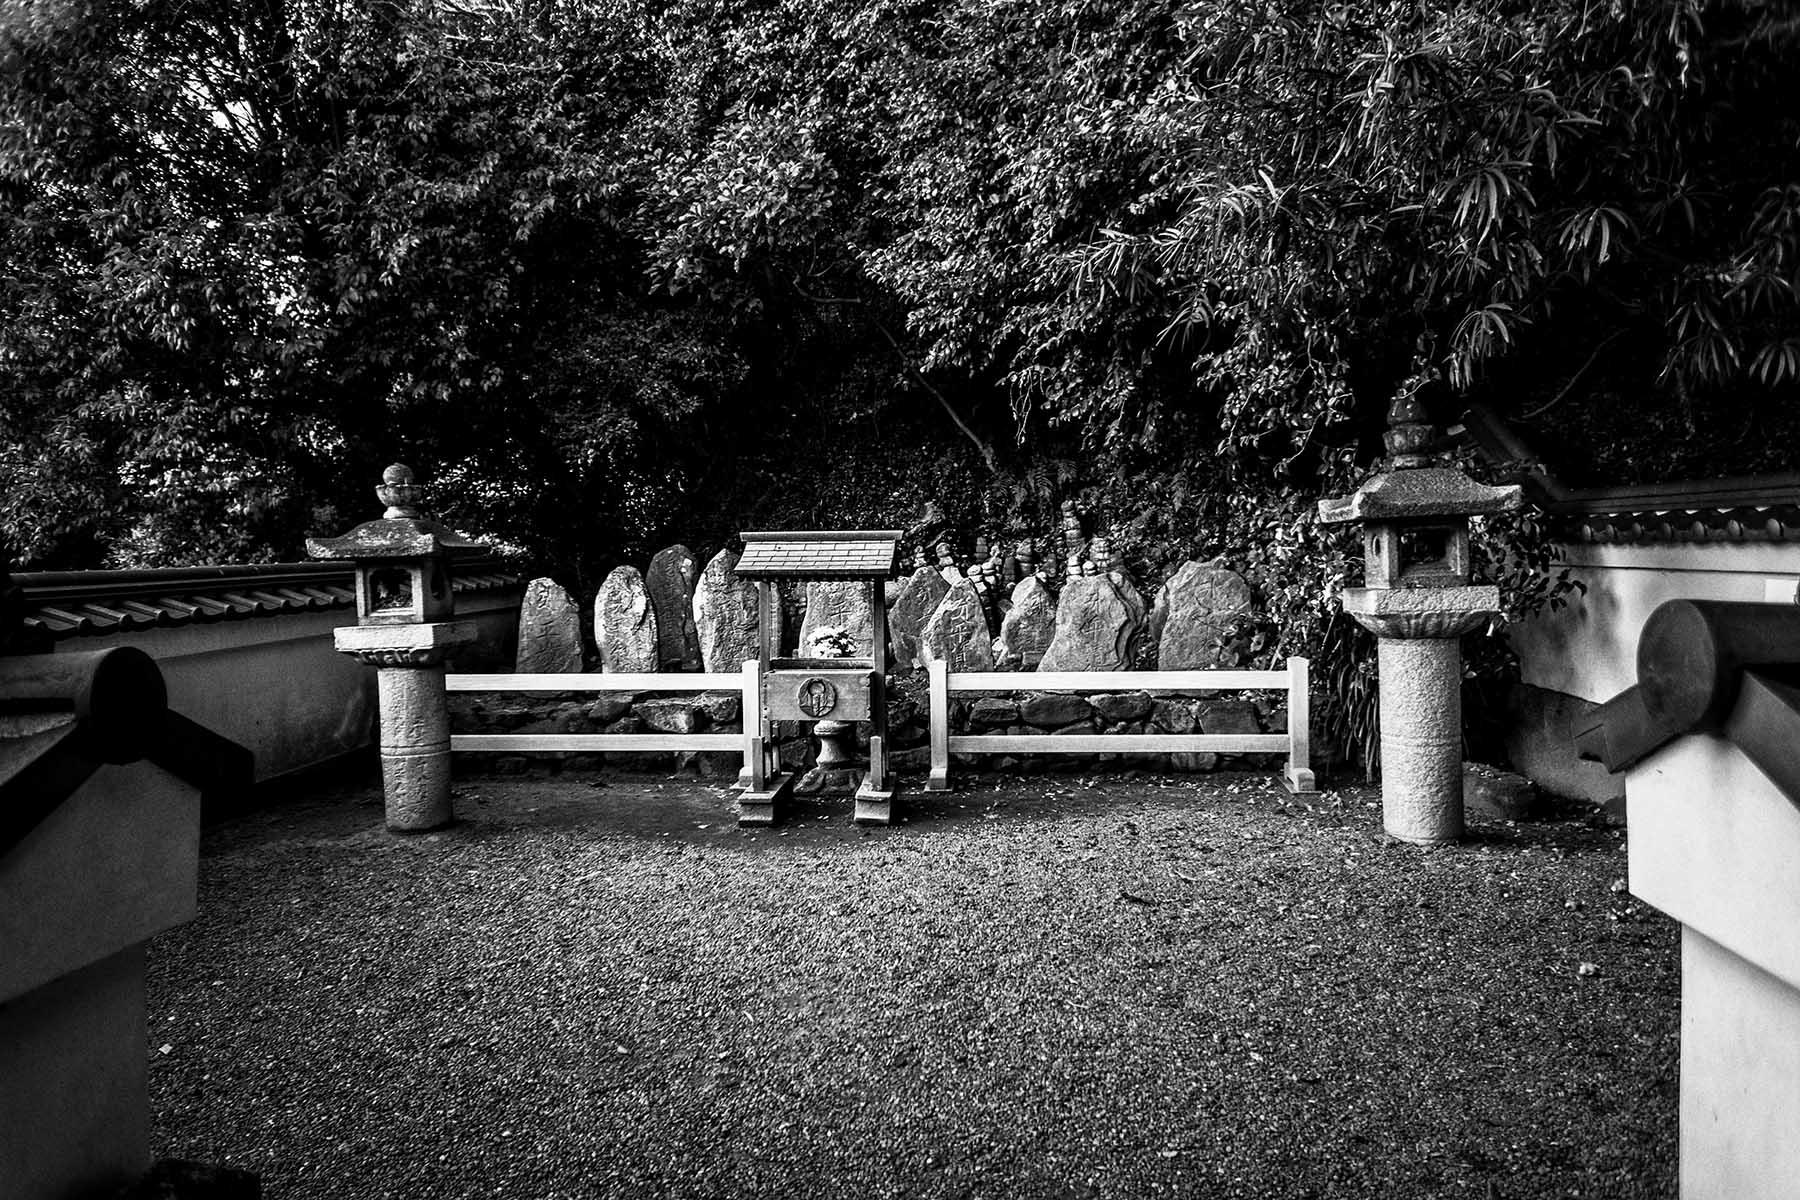 祇園精舎の鐘の声_c0028861_19312760.jpg